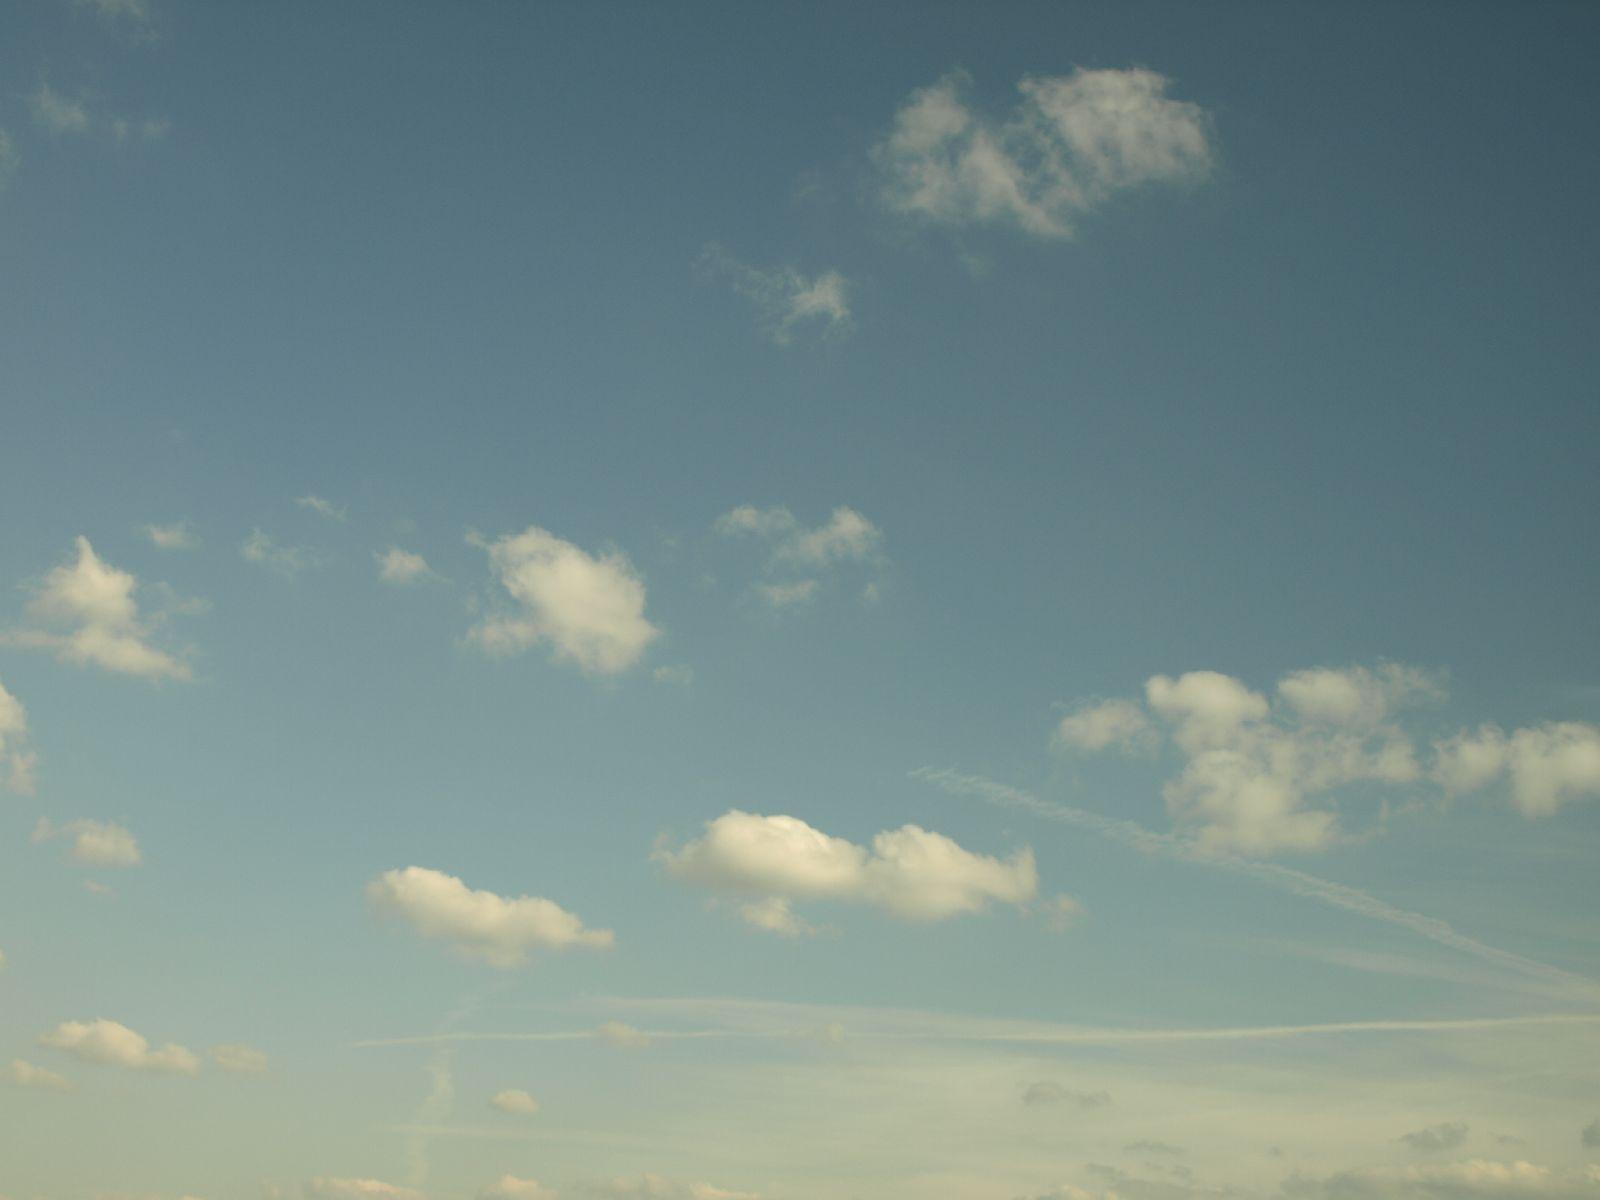 Himmel-Wolken-Foto_Textur_A_P4171351